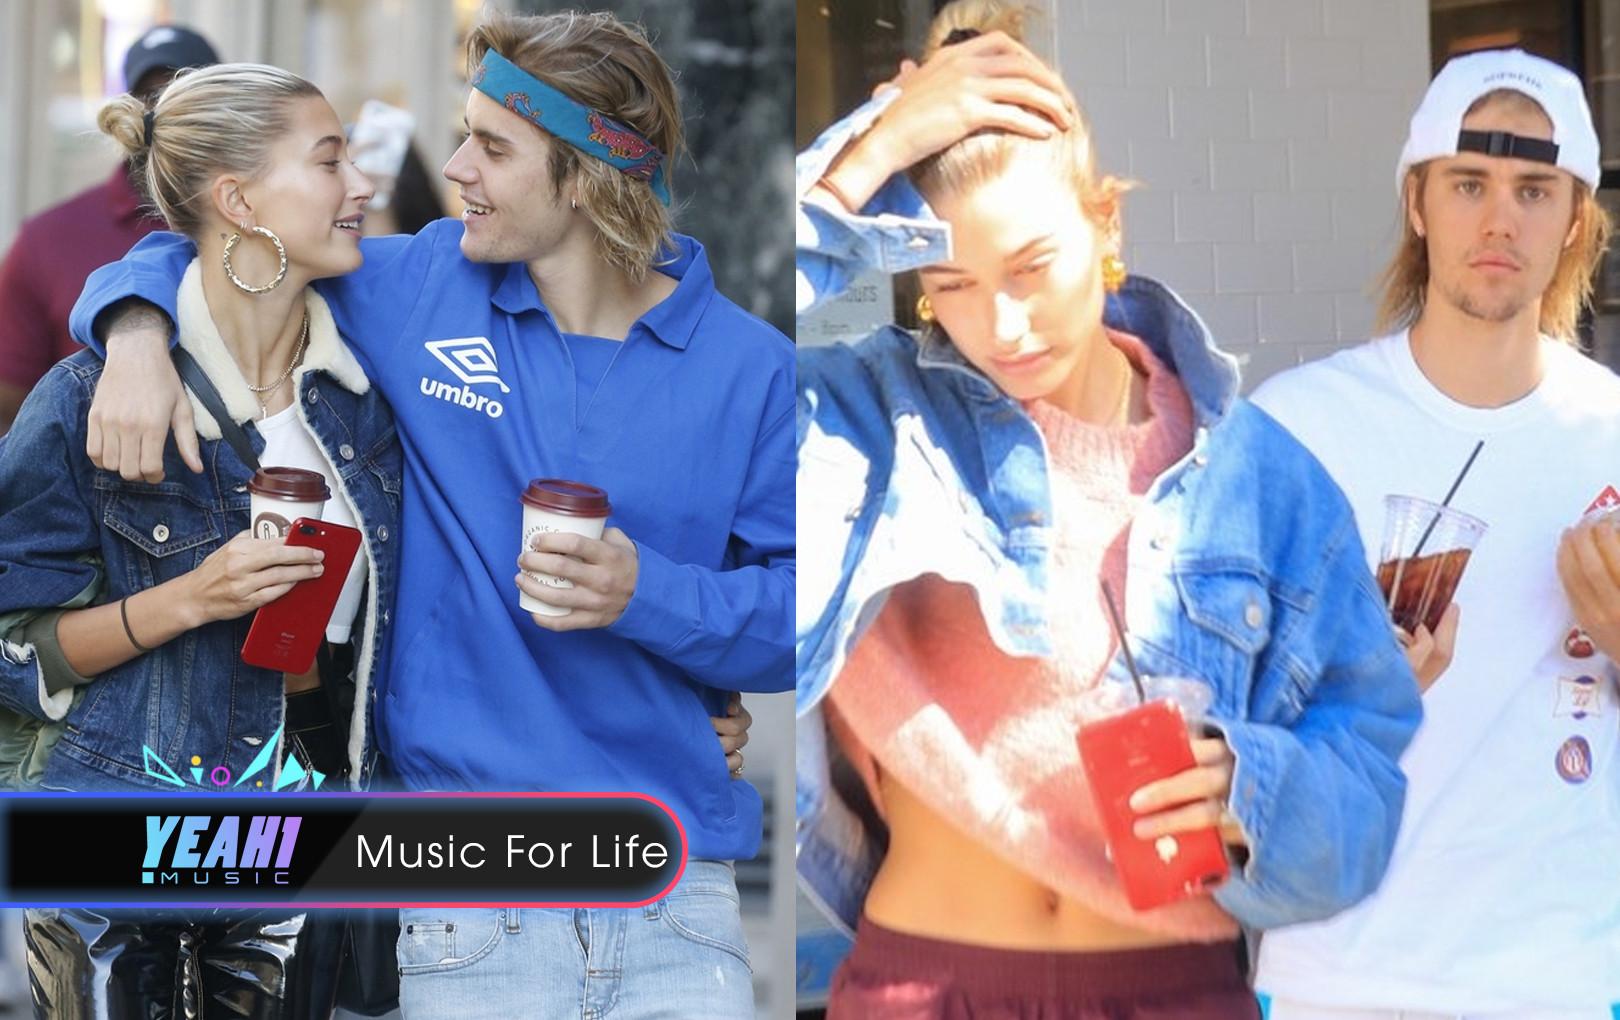 Vợ chồng Justin Bieber bị khủng hoảng do kết hôn khi còn quá trẻ, mới đây đã dắt nhau ra tòa ly hôn?